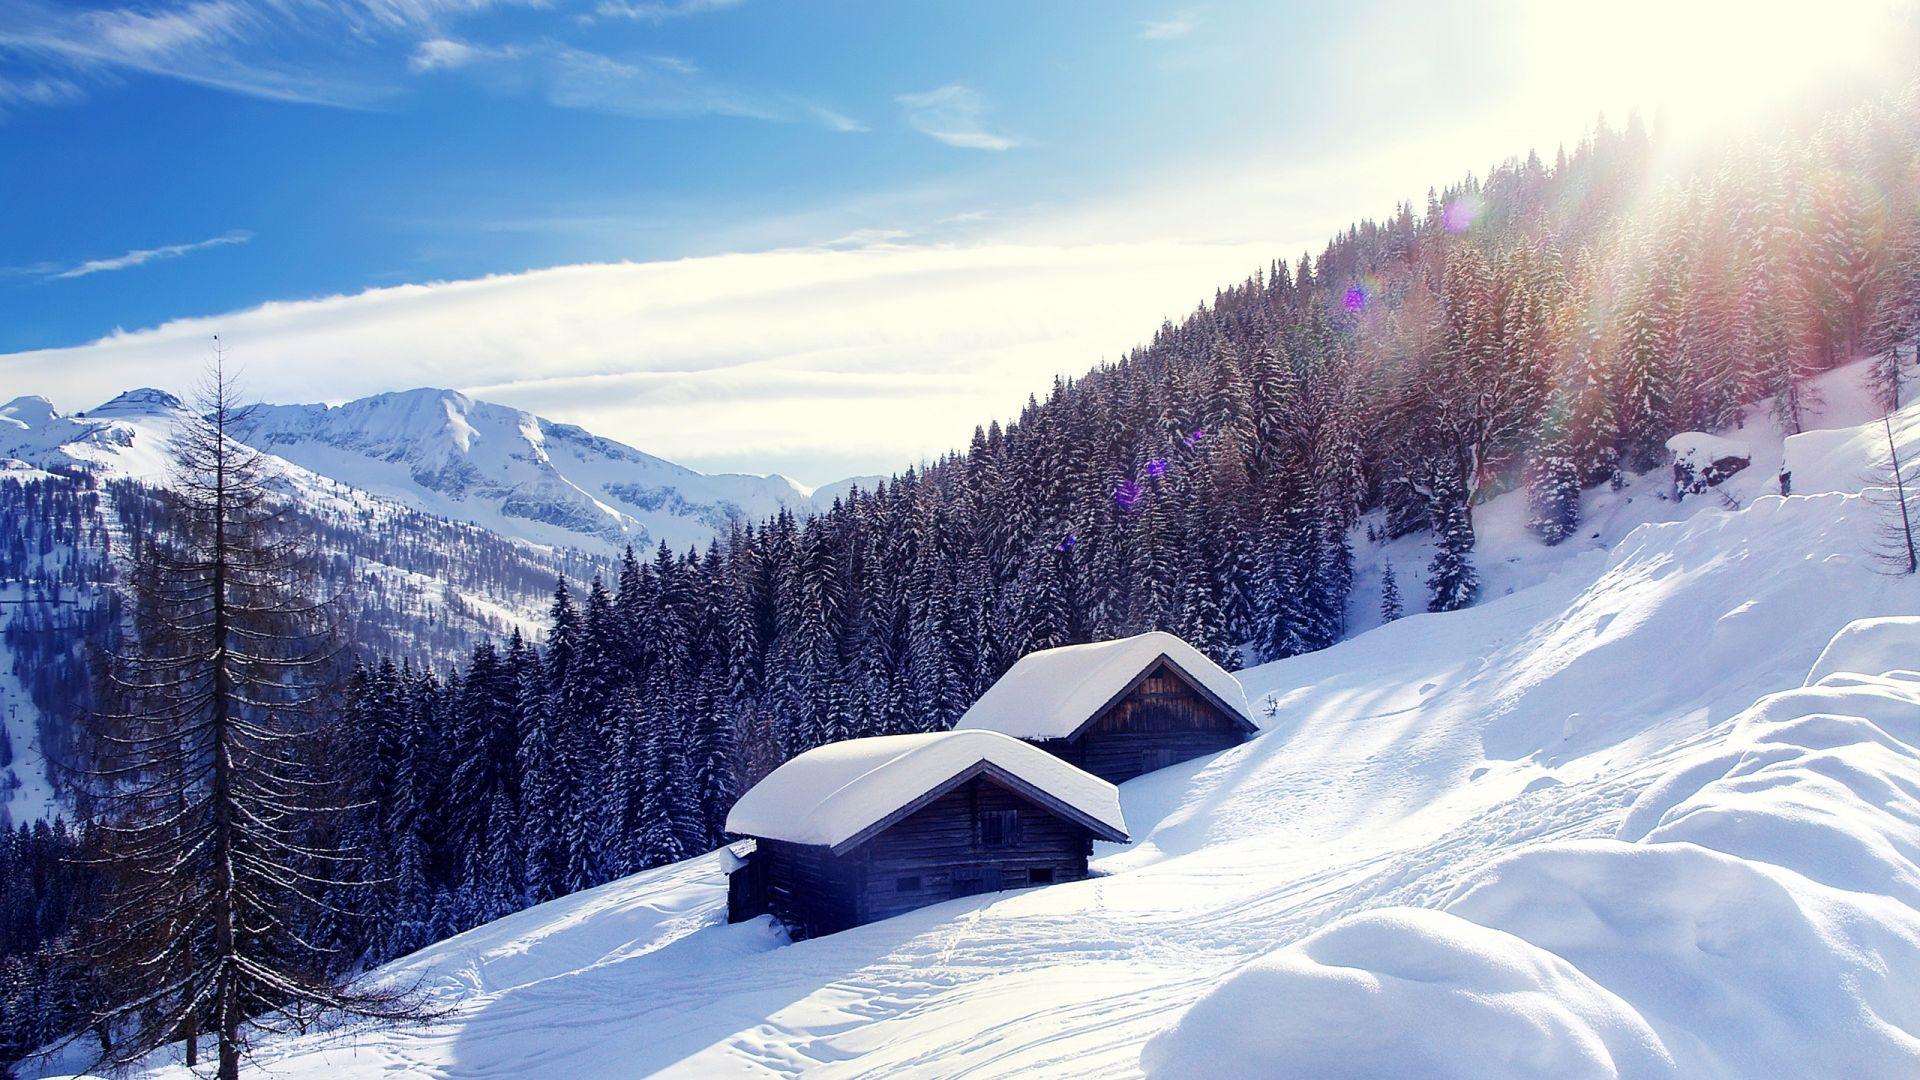 Cabane_dans_les_montagnes_-_Hiver.jpg